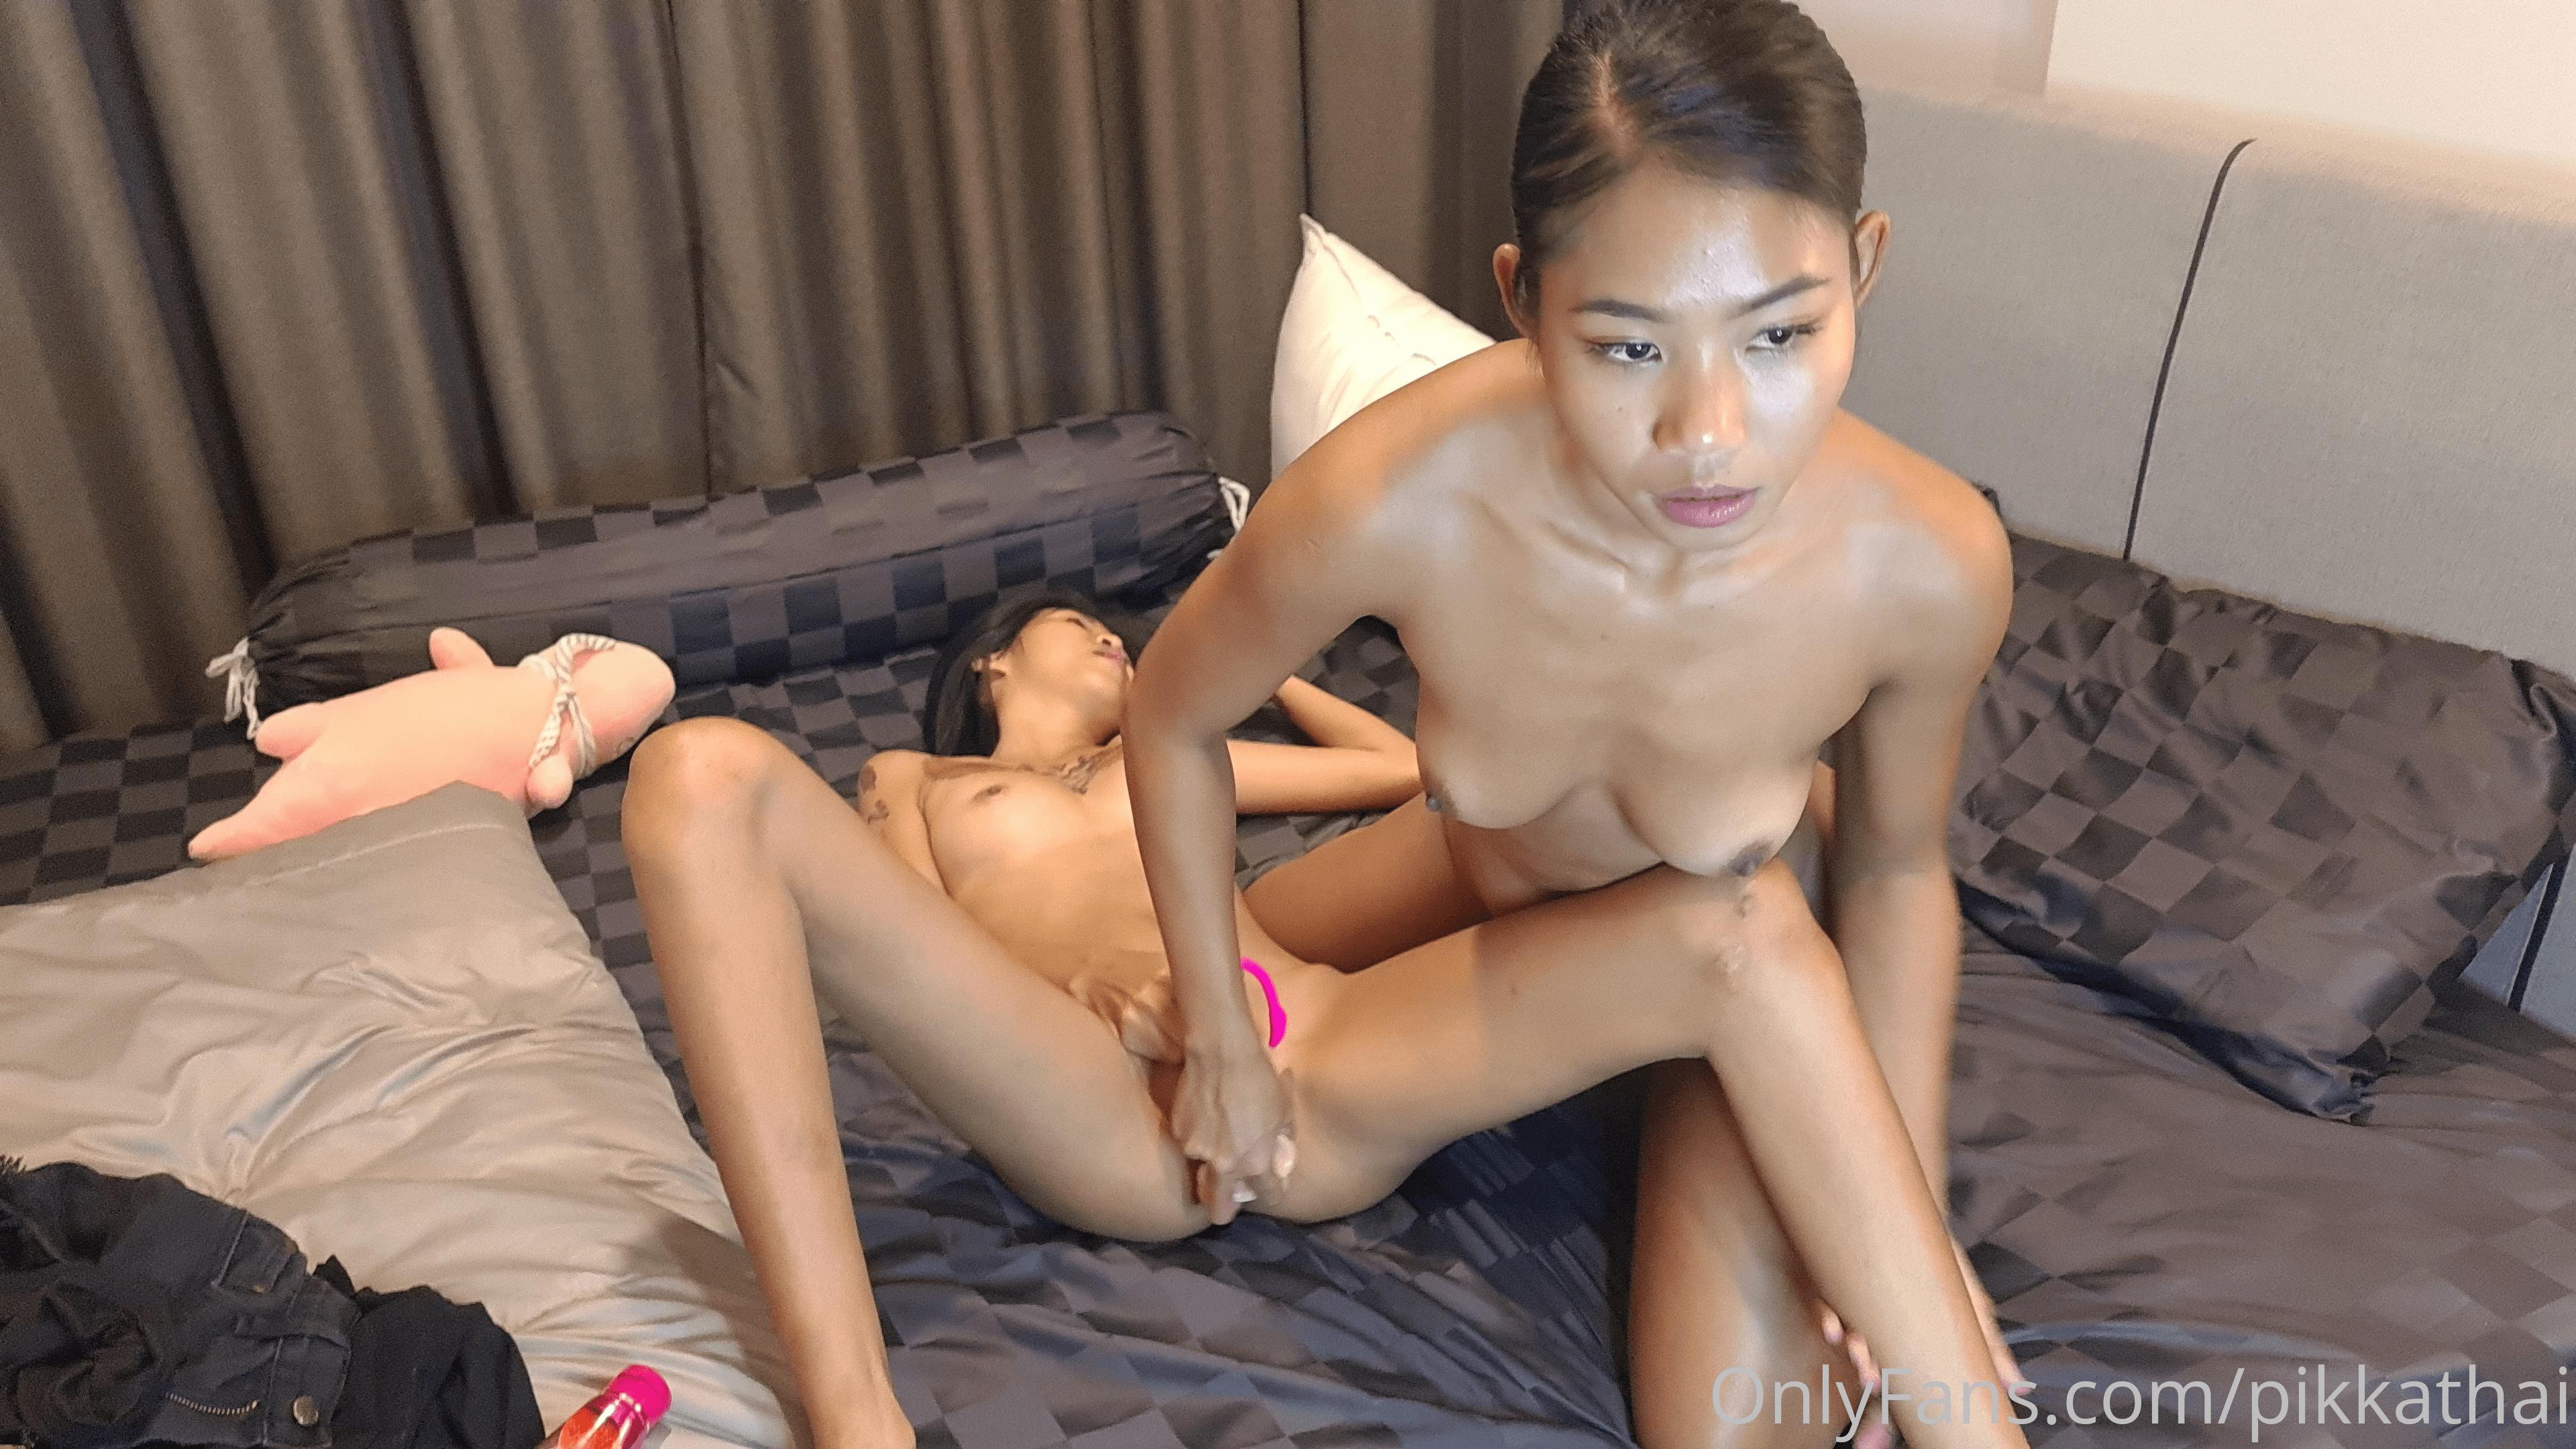 Pikka Thai Onlyfans 0024